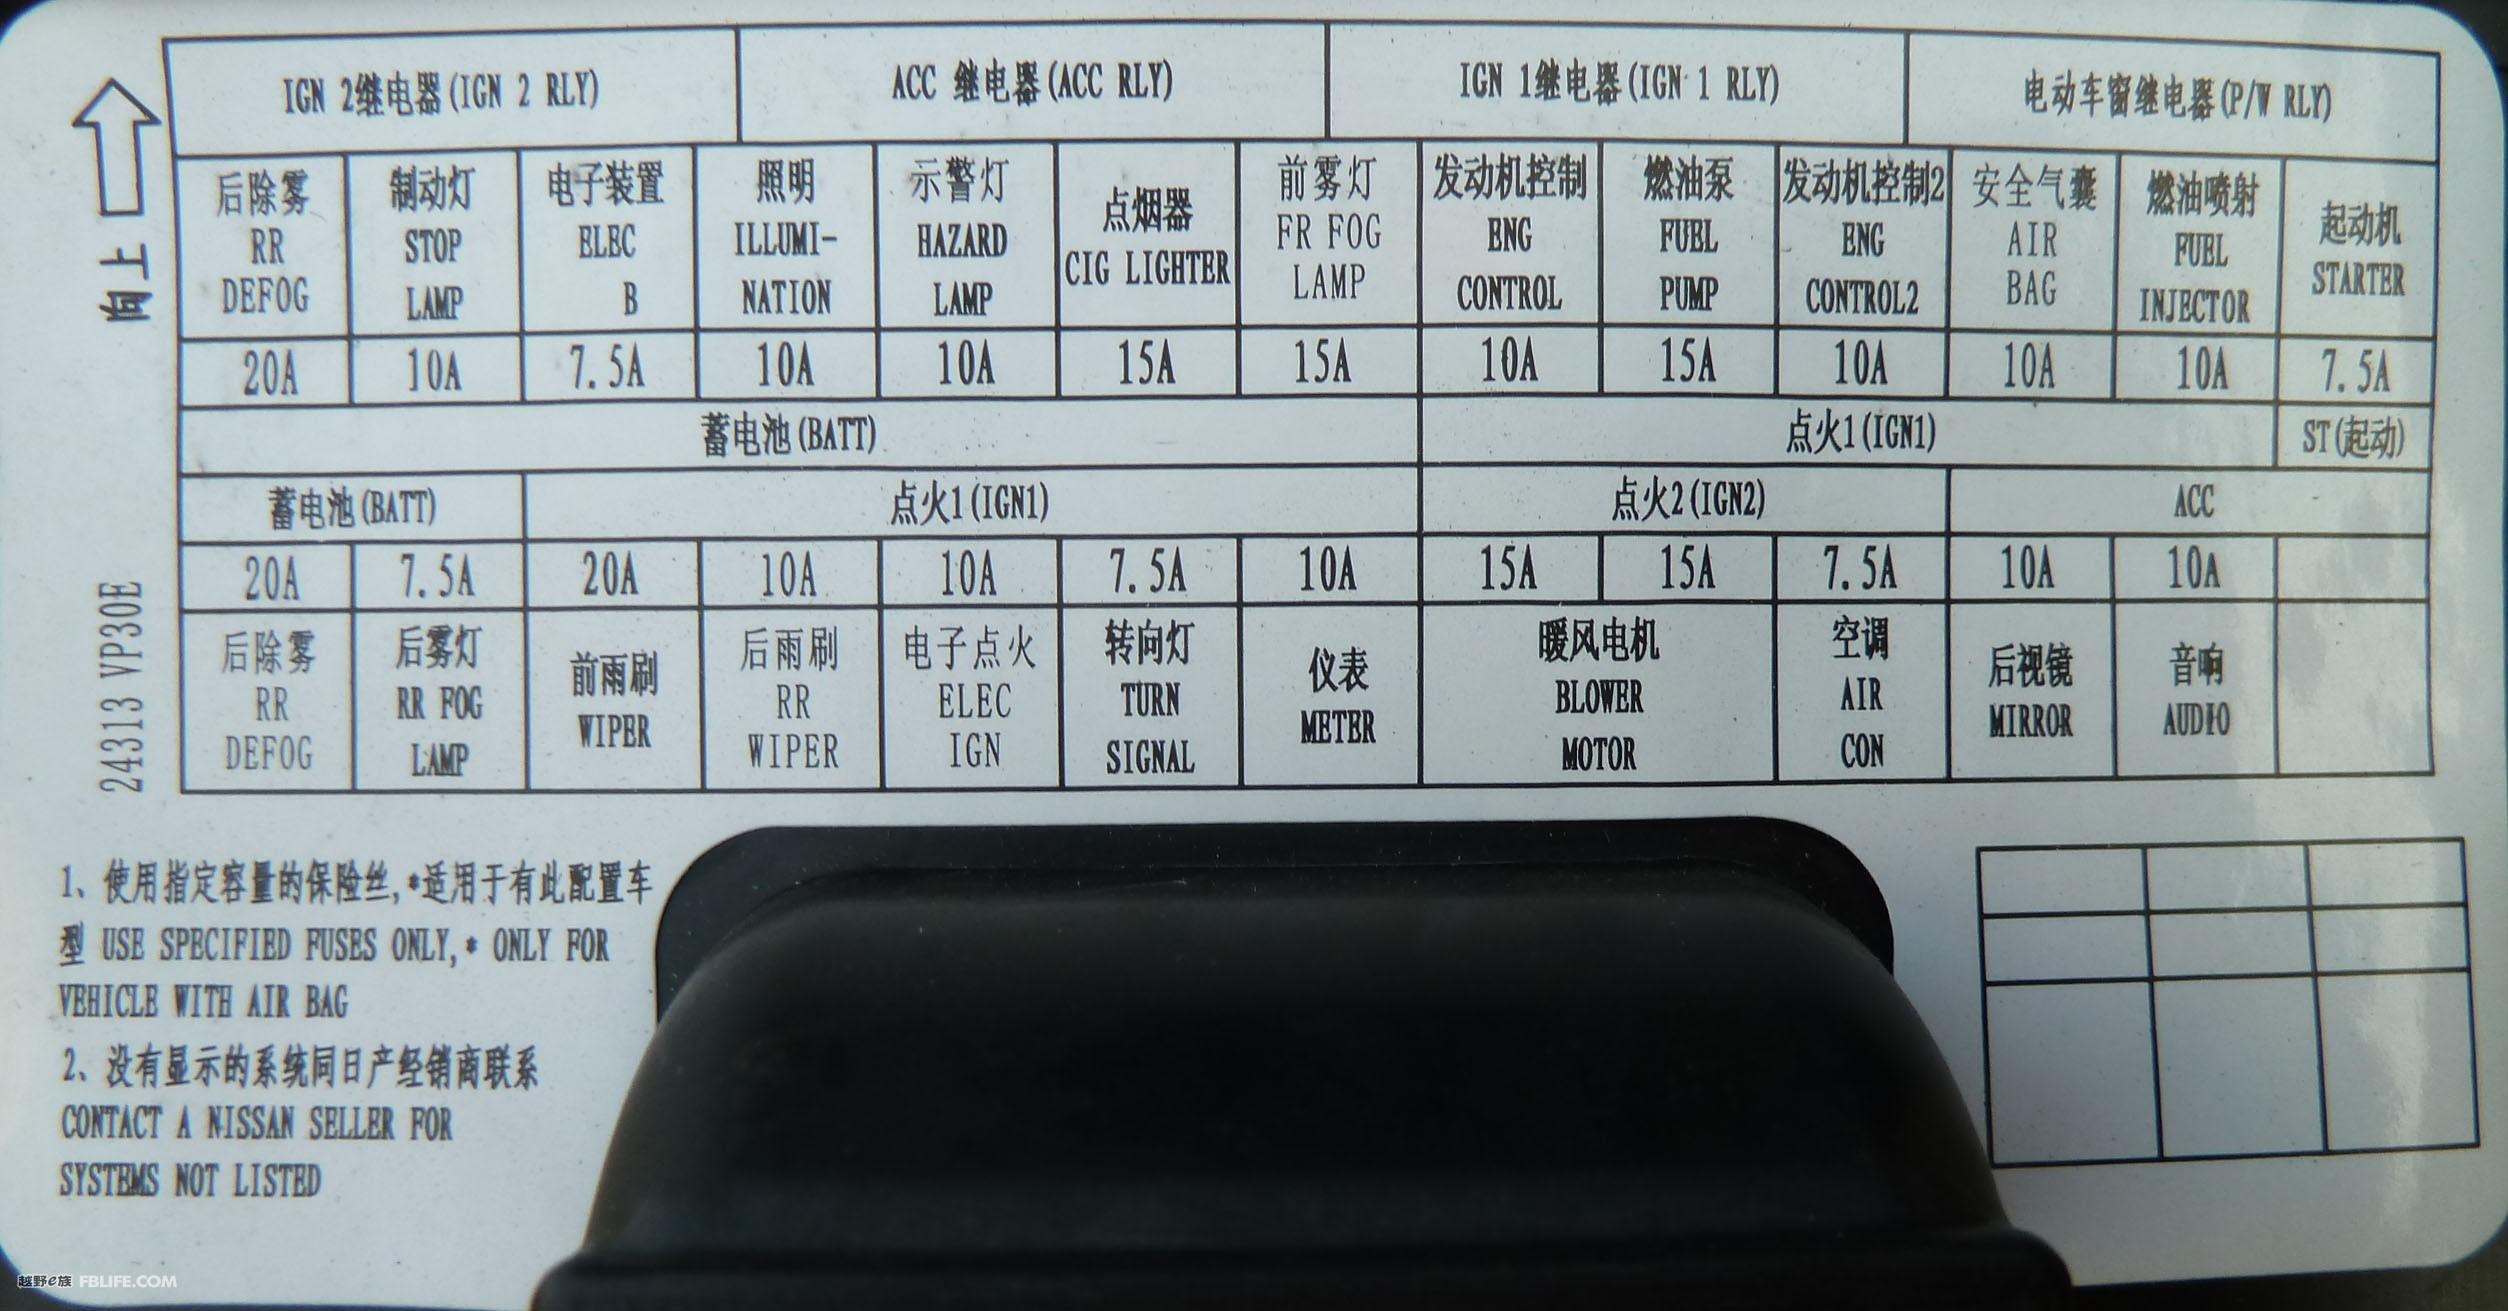 求助:帕拉丁2个保险盒和分电器中文对照图解 多谢